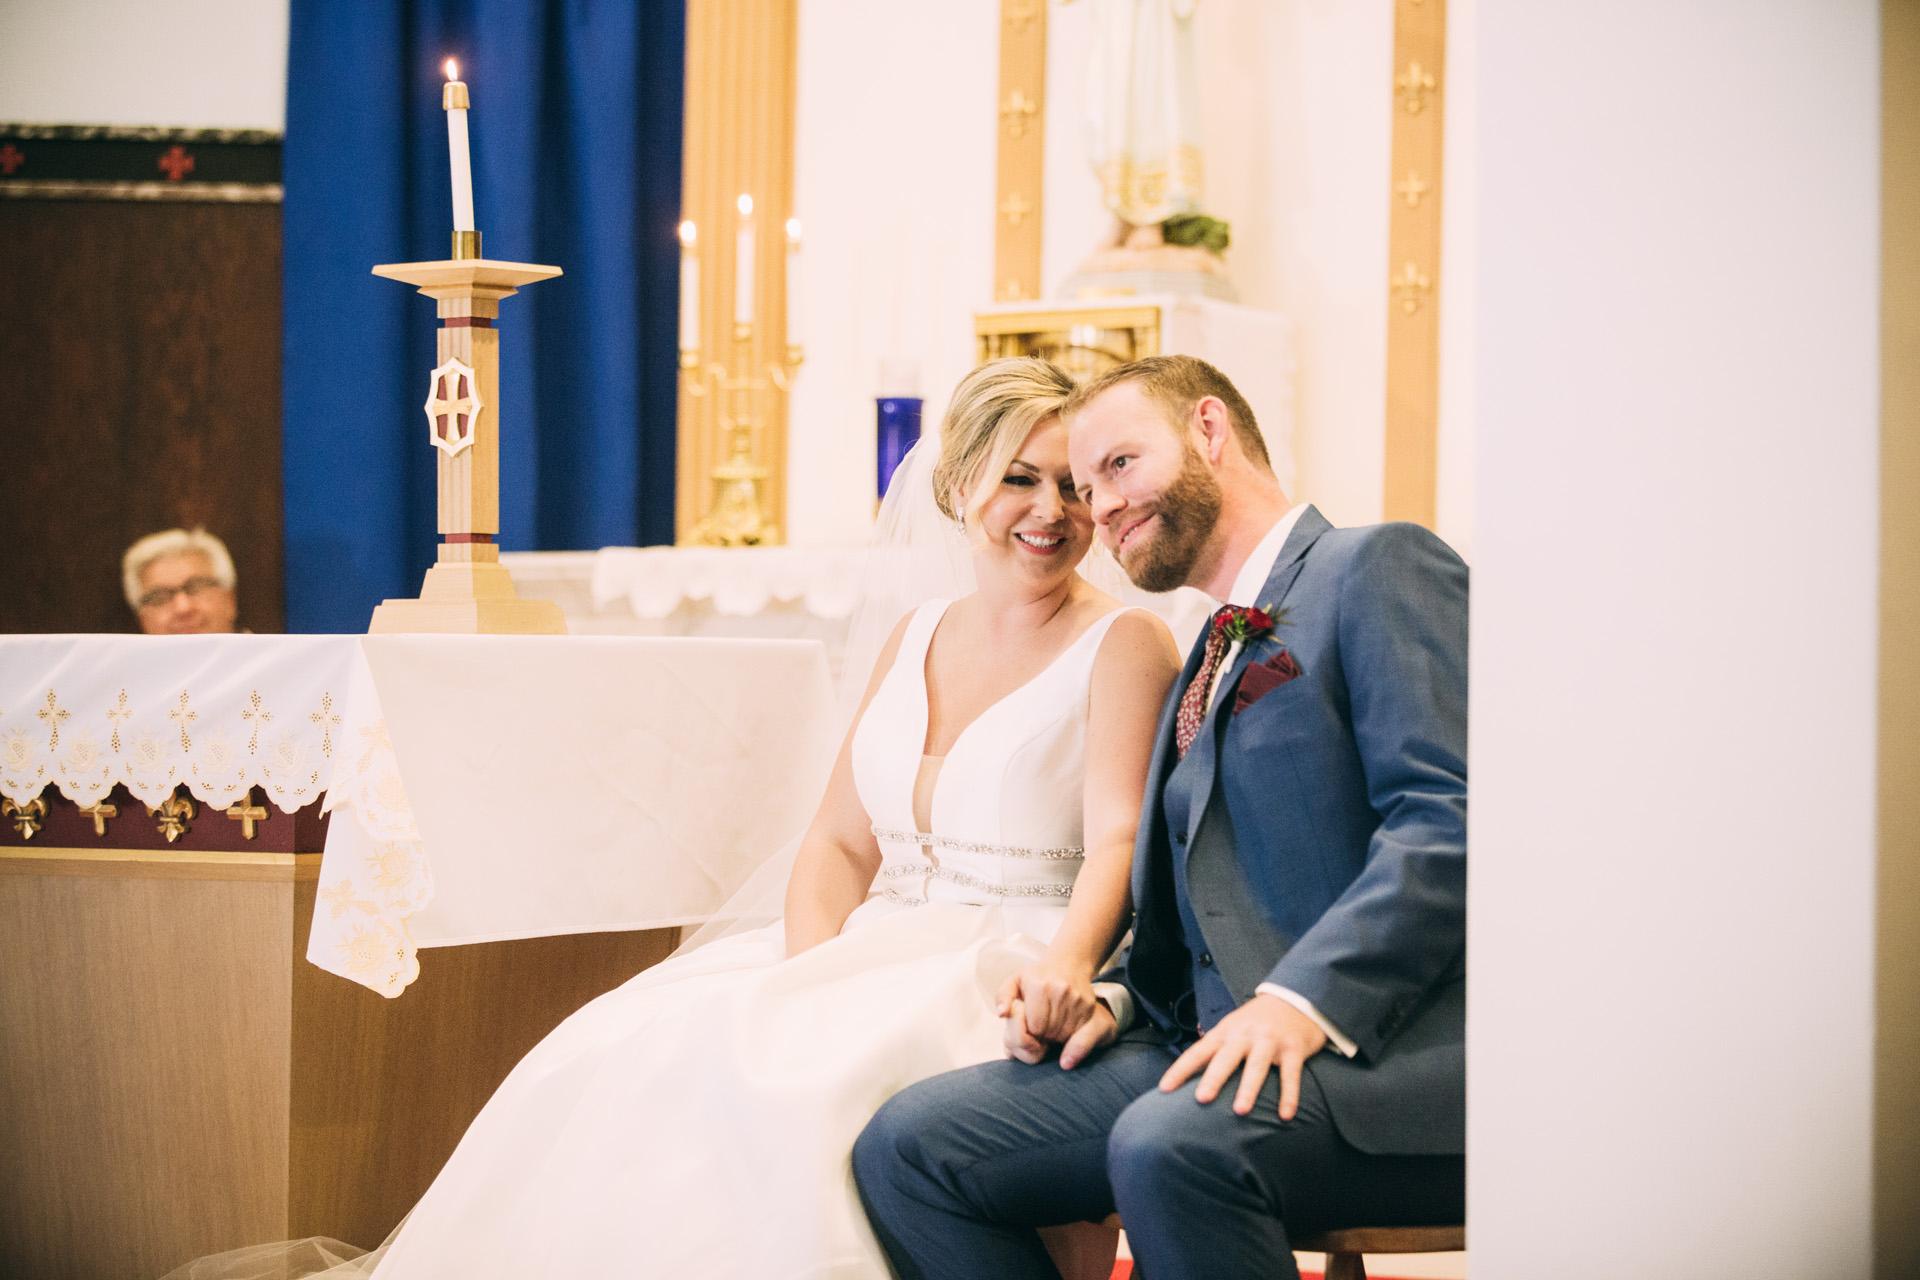 mount-washington-hotel-wedding-photographer-020